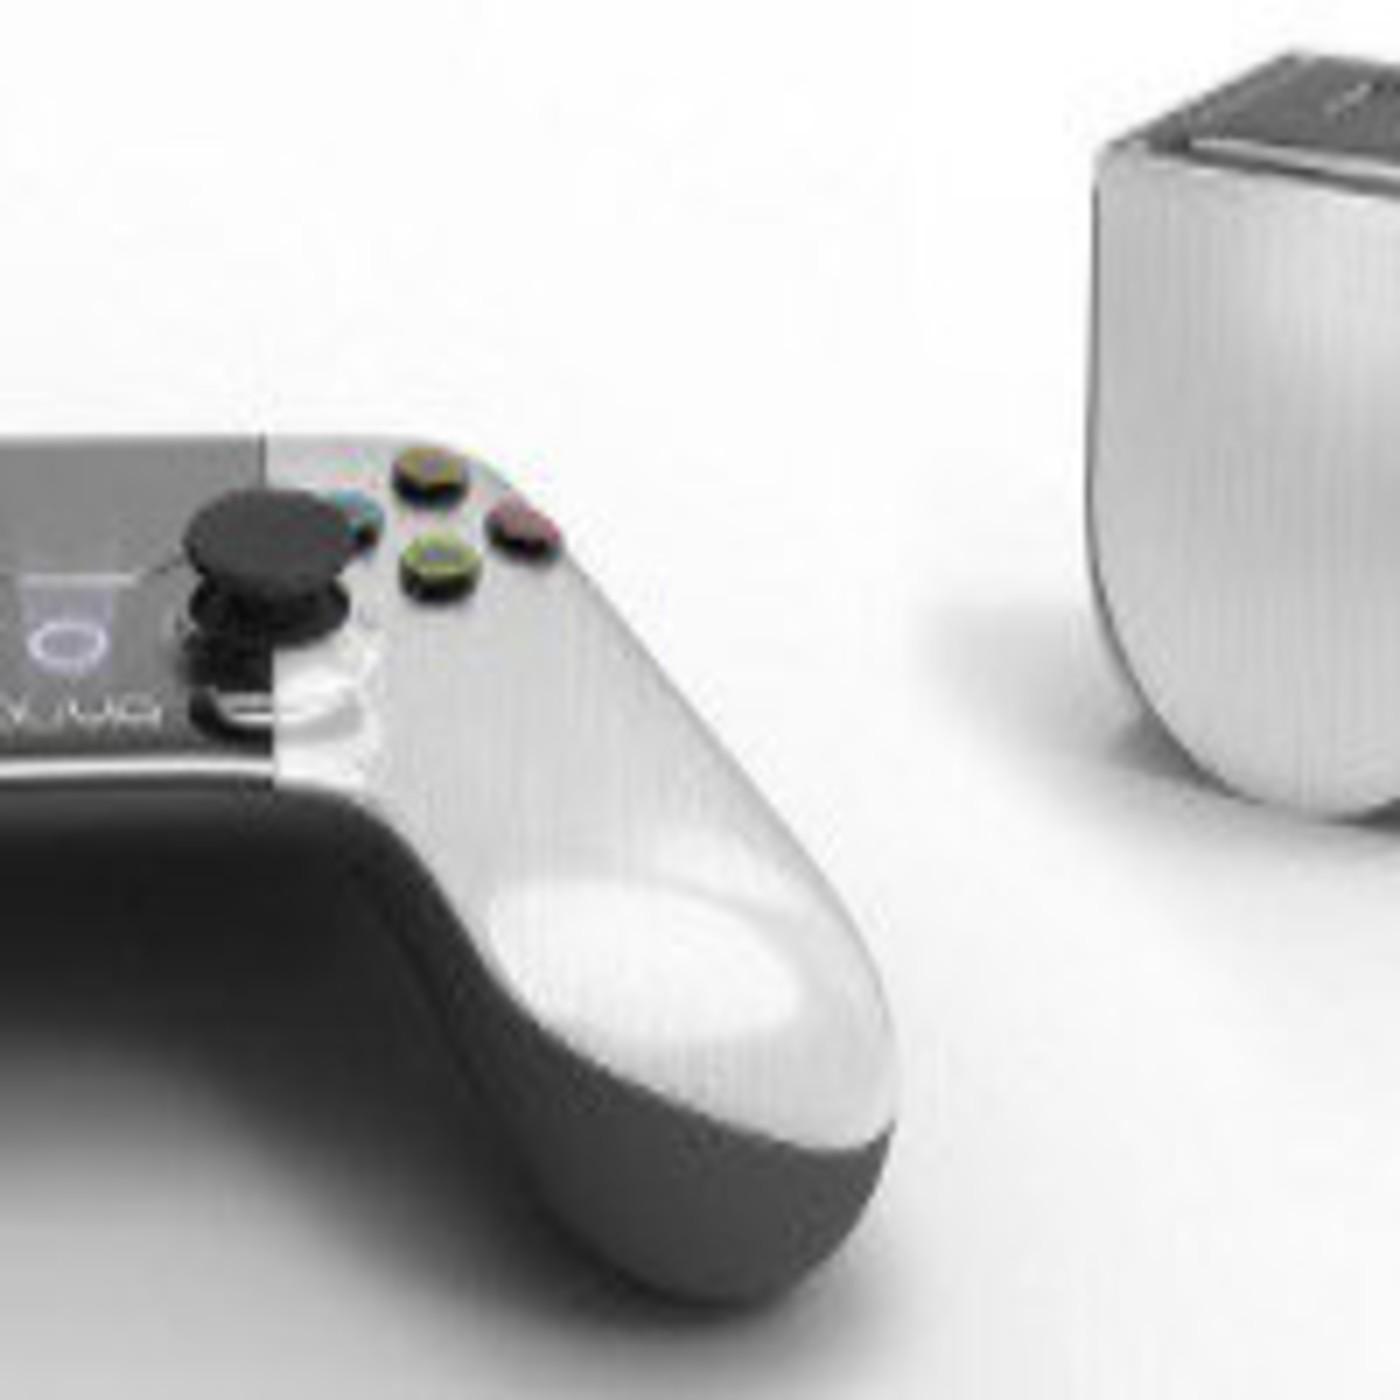 1x17 - El futuro de los videojuegos y OUYA, la consola libre con Android